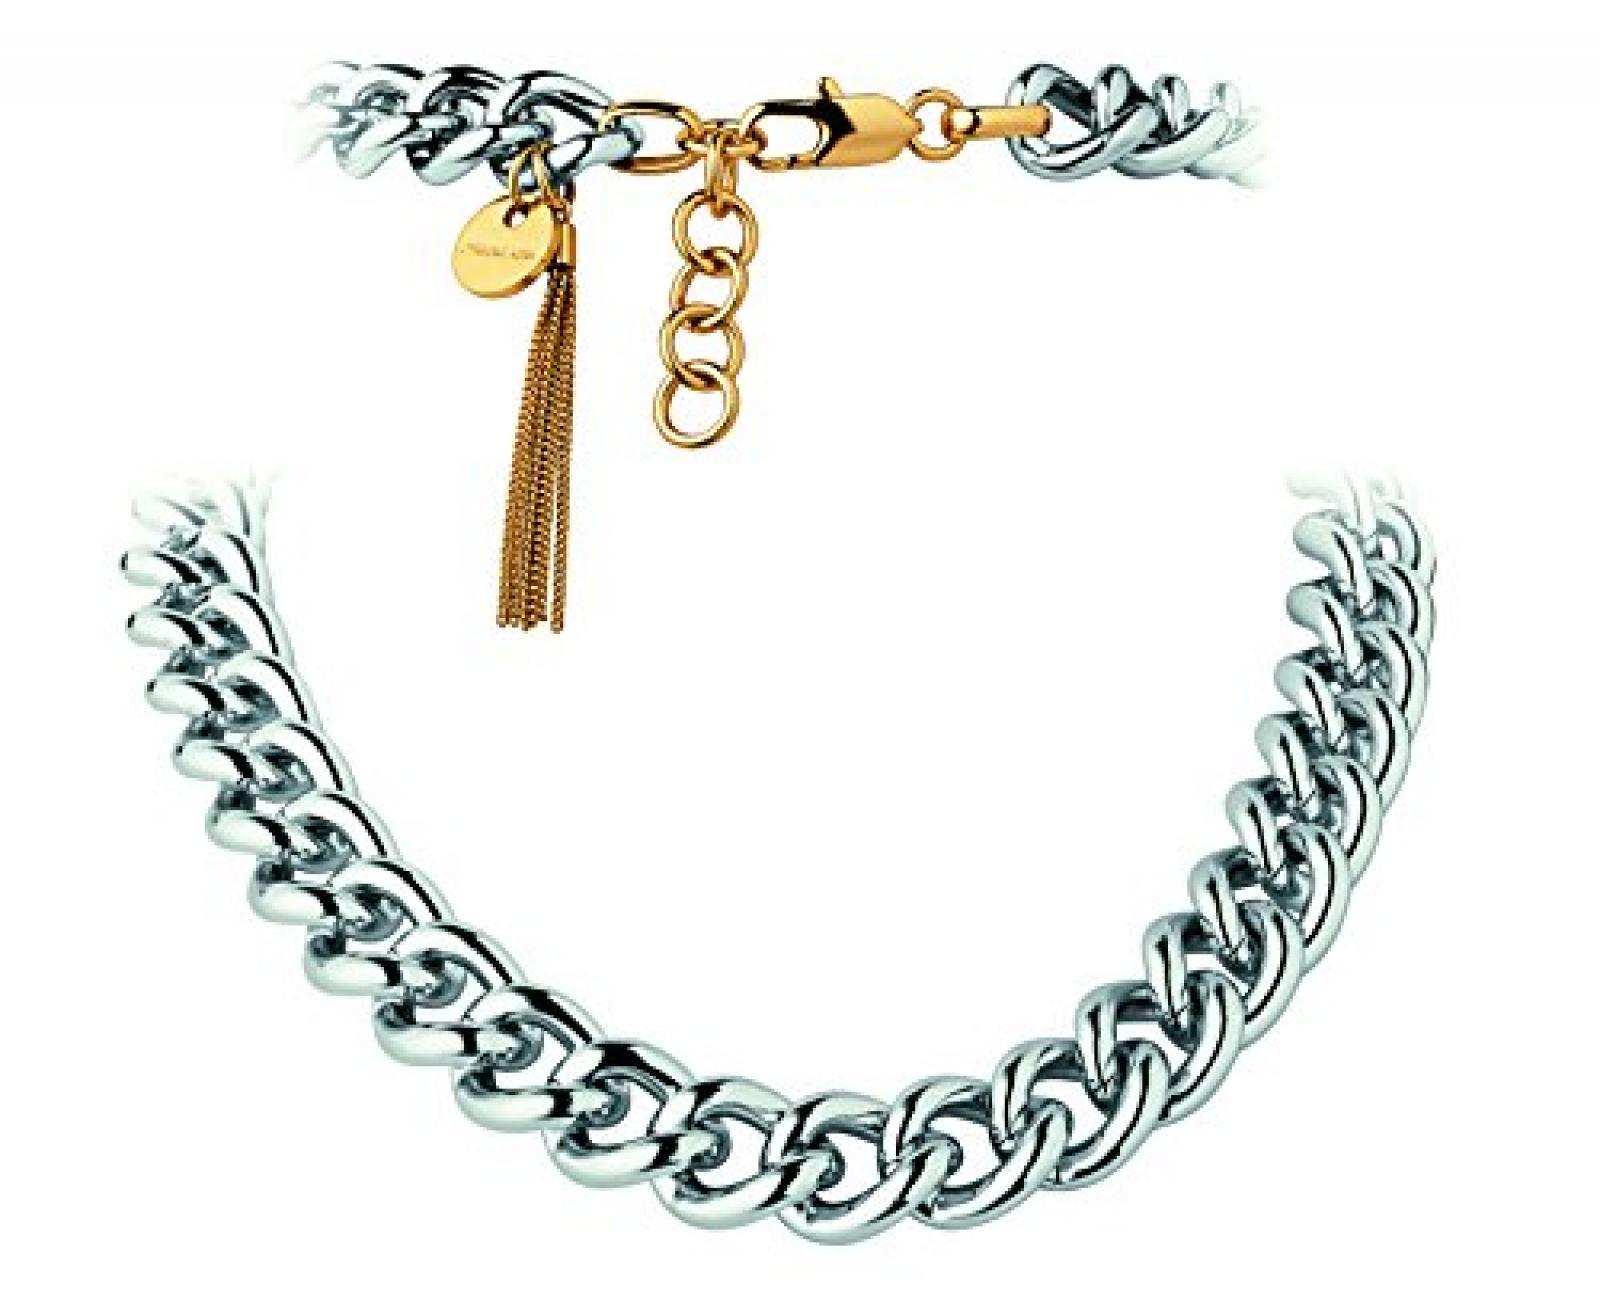 Dyrberg/Kern Damen-Halsband Versilbertes Metall silber 335173